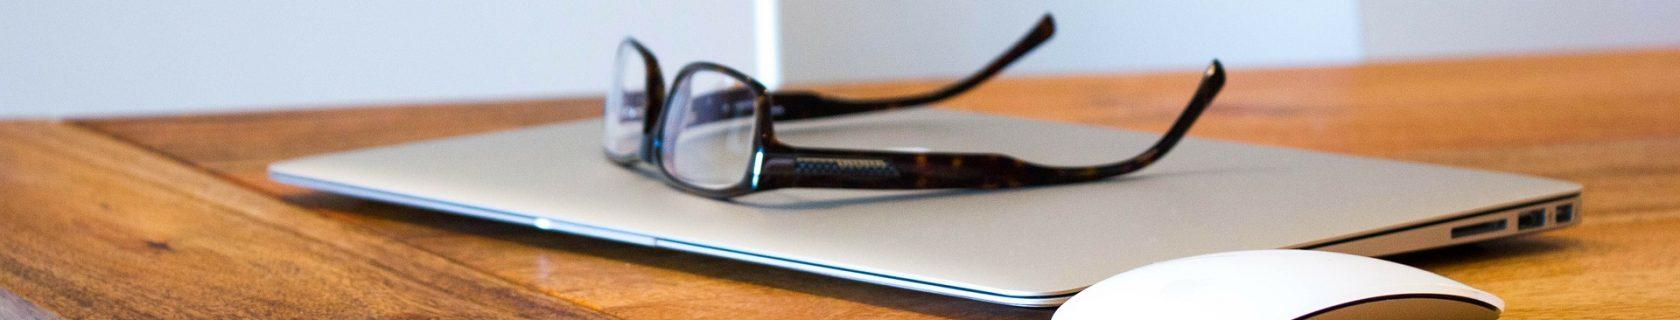 Gutachten schreiben lassen – Laptop auf dem Schreibtisch